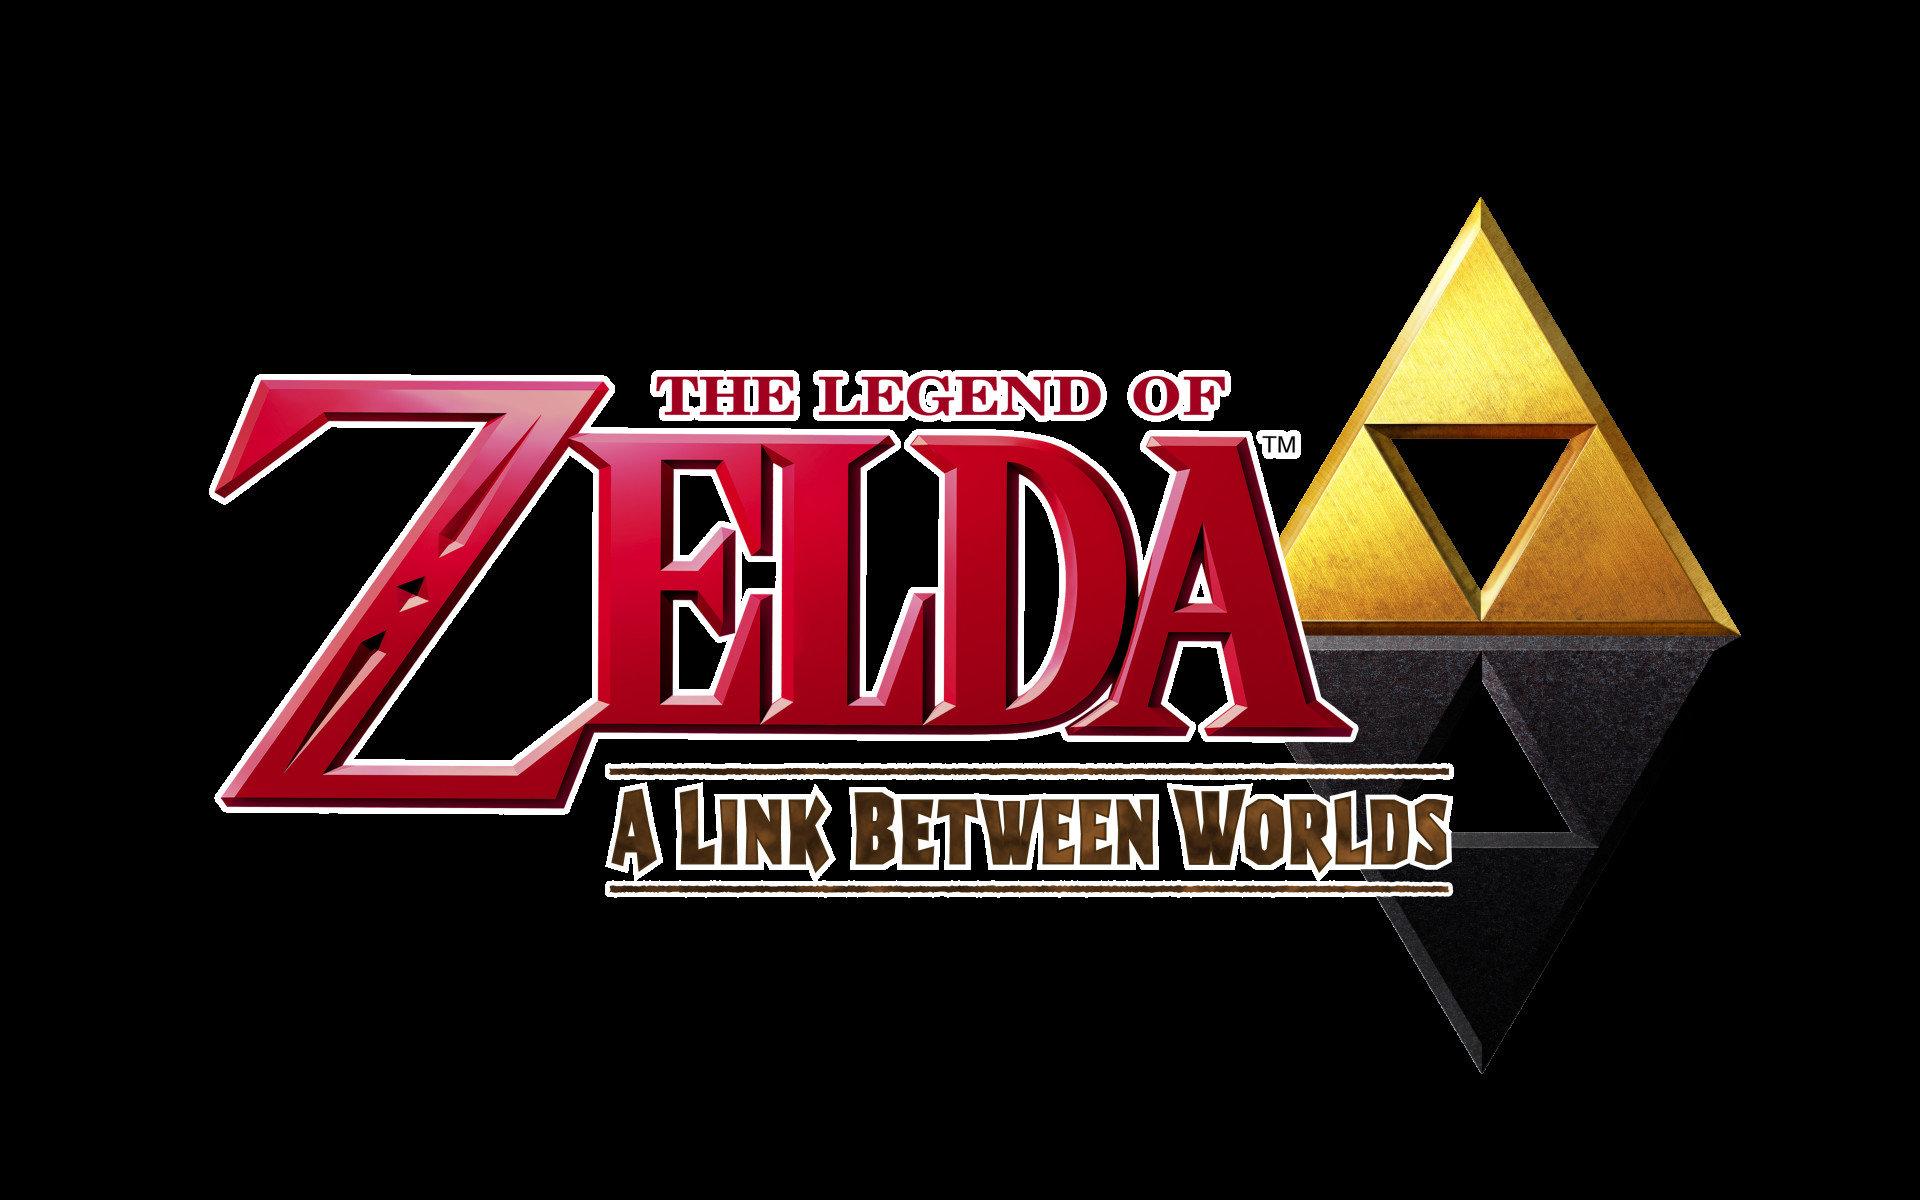 Best The Legend Of Zelda A Link Between Worlds Wallpaper Id69261